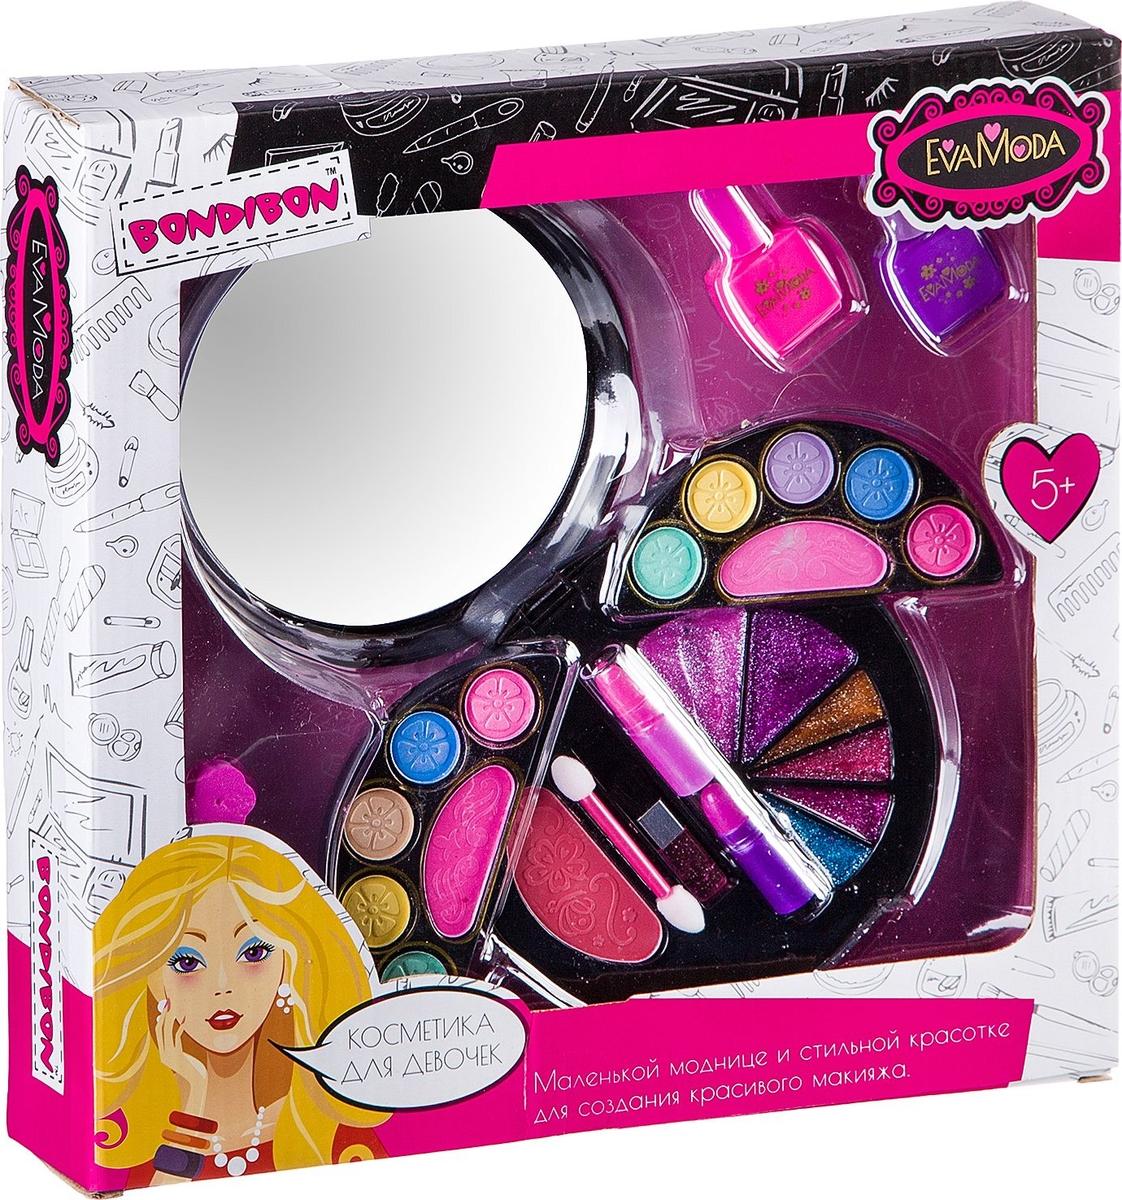 Косметика для маленьких девочек купить спб купить косметику шисейдо в интернет магазине